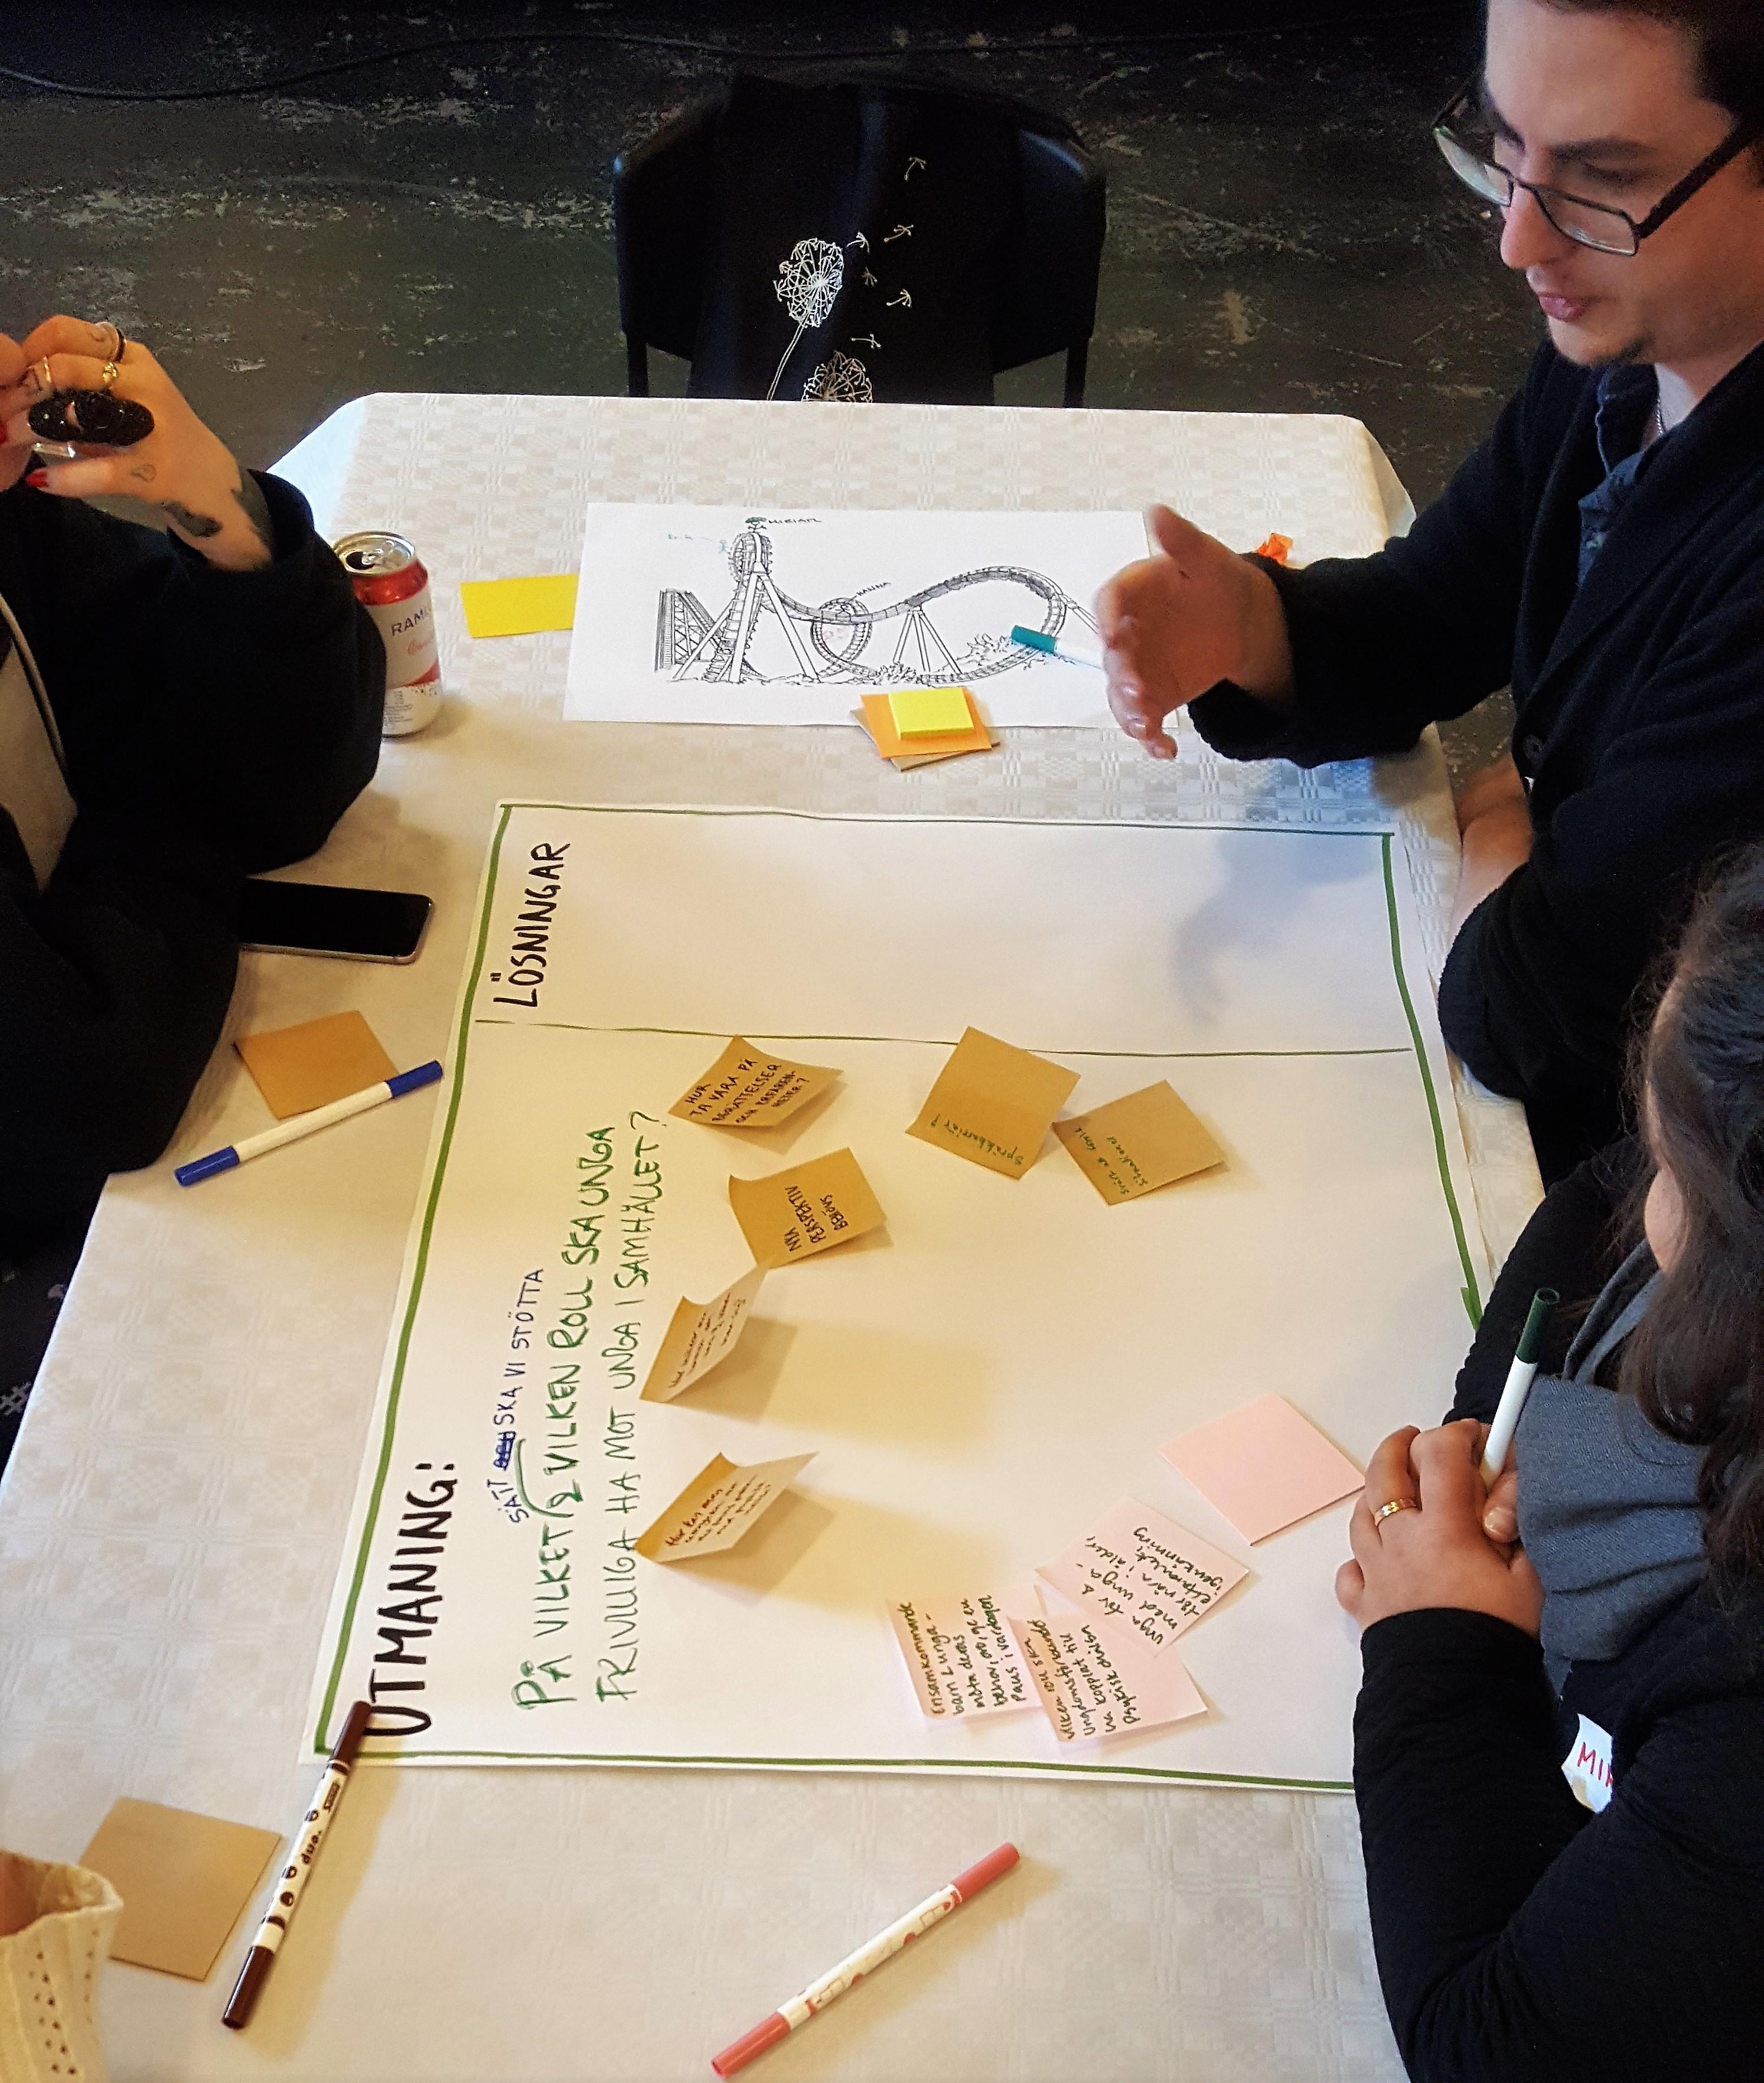 Medskapande möten och processer